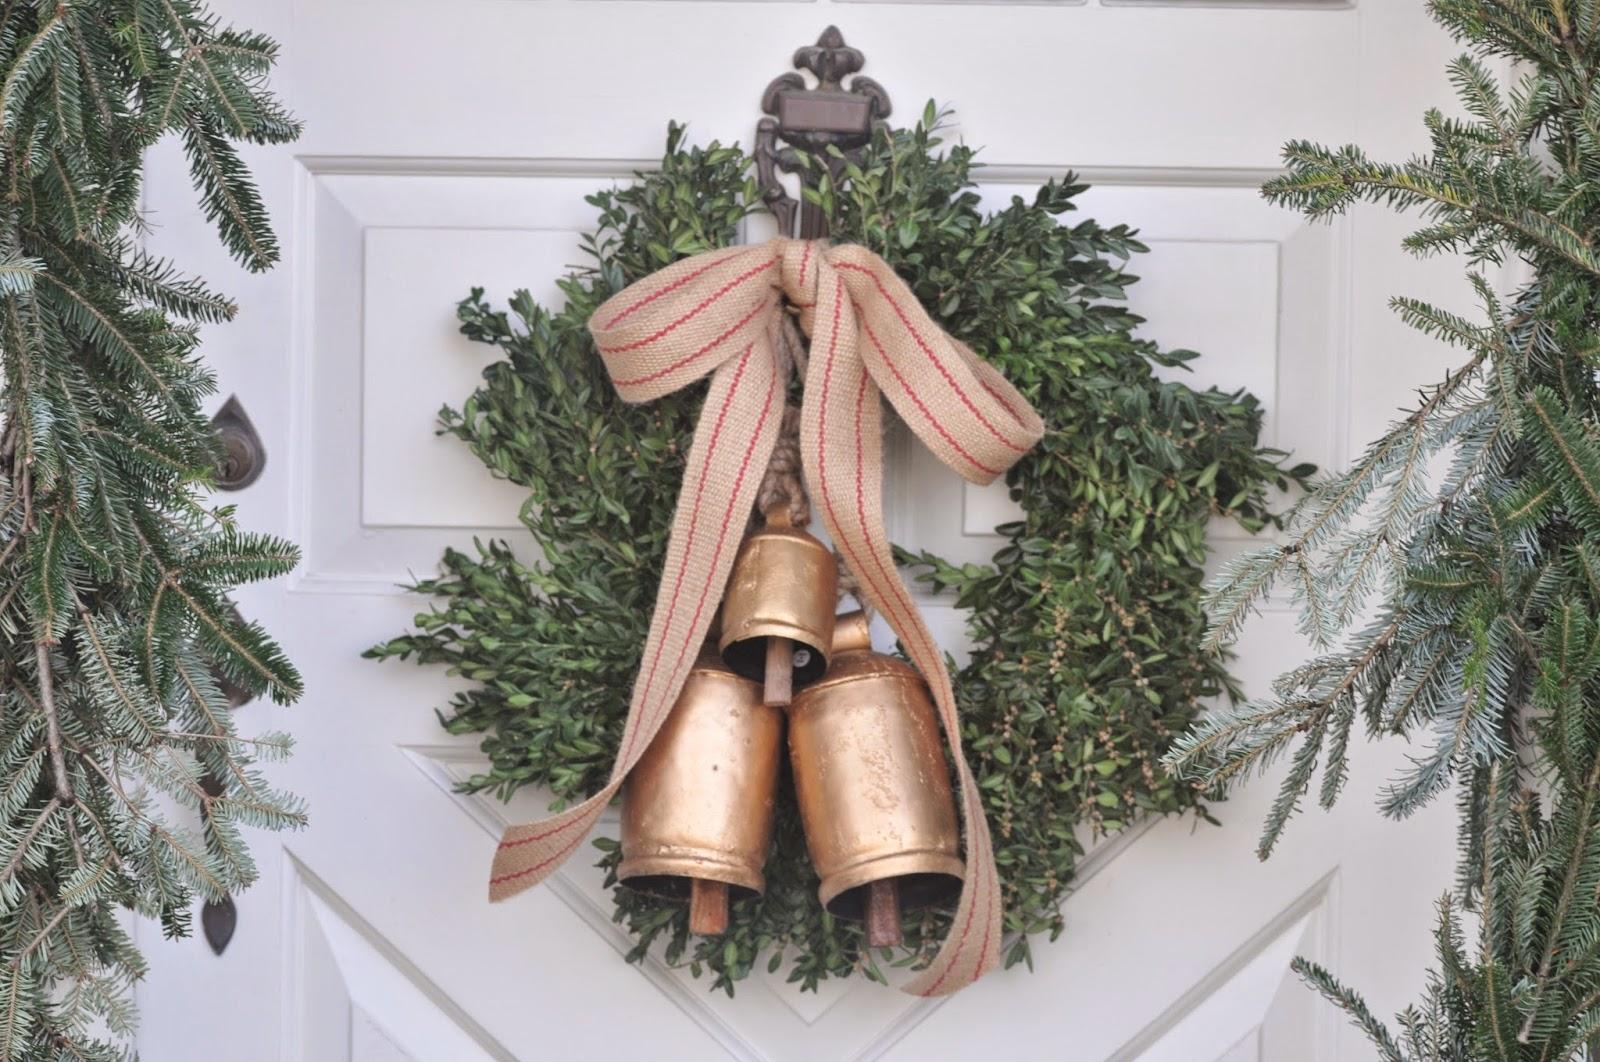 Dekoracje świąteczne na zewnątrz - jak ozdobić drzwi wejściowe do domu